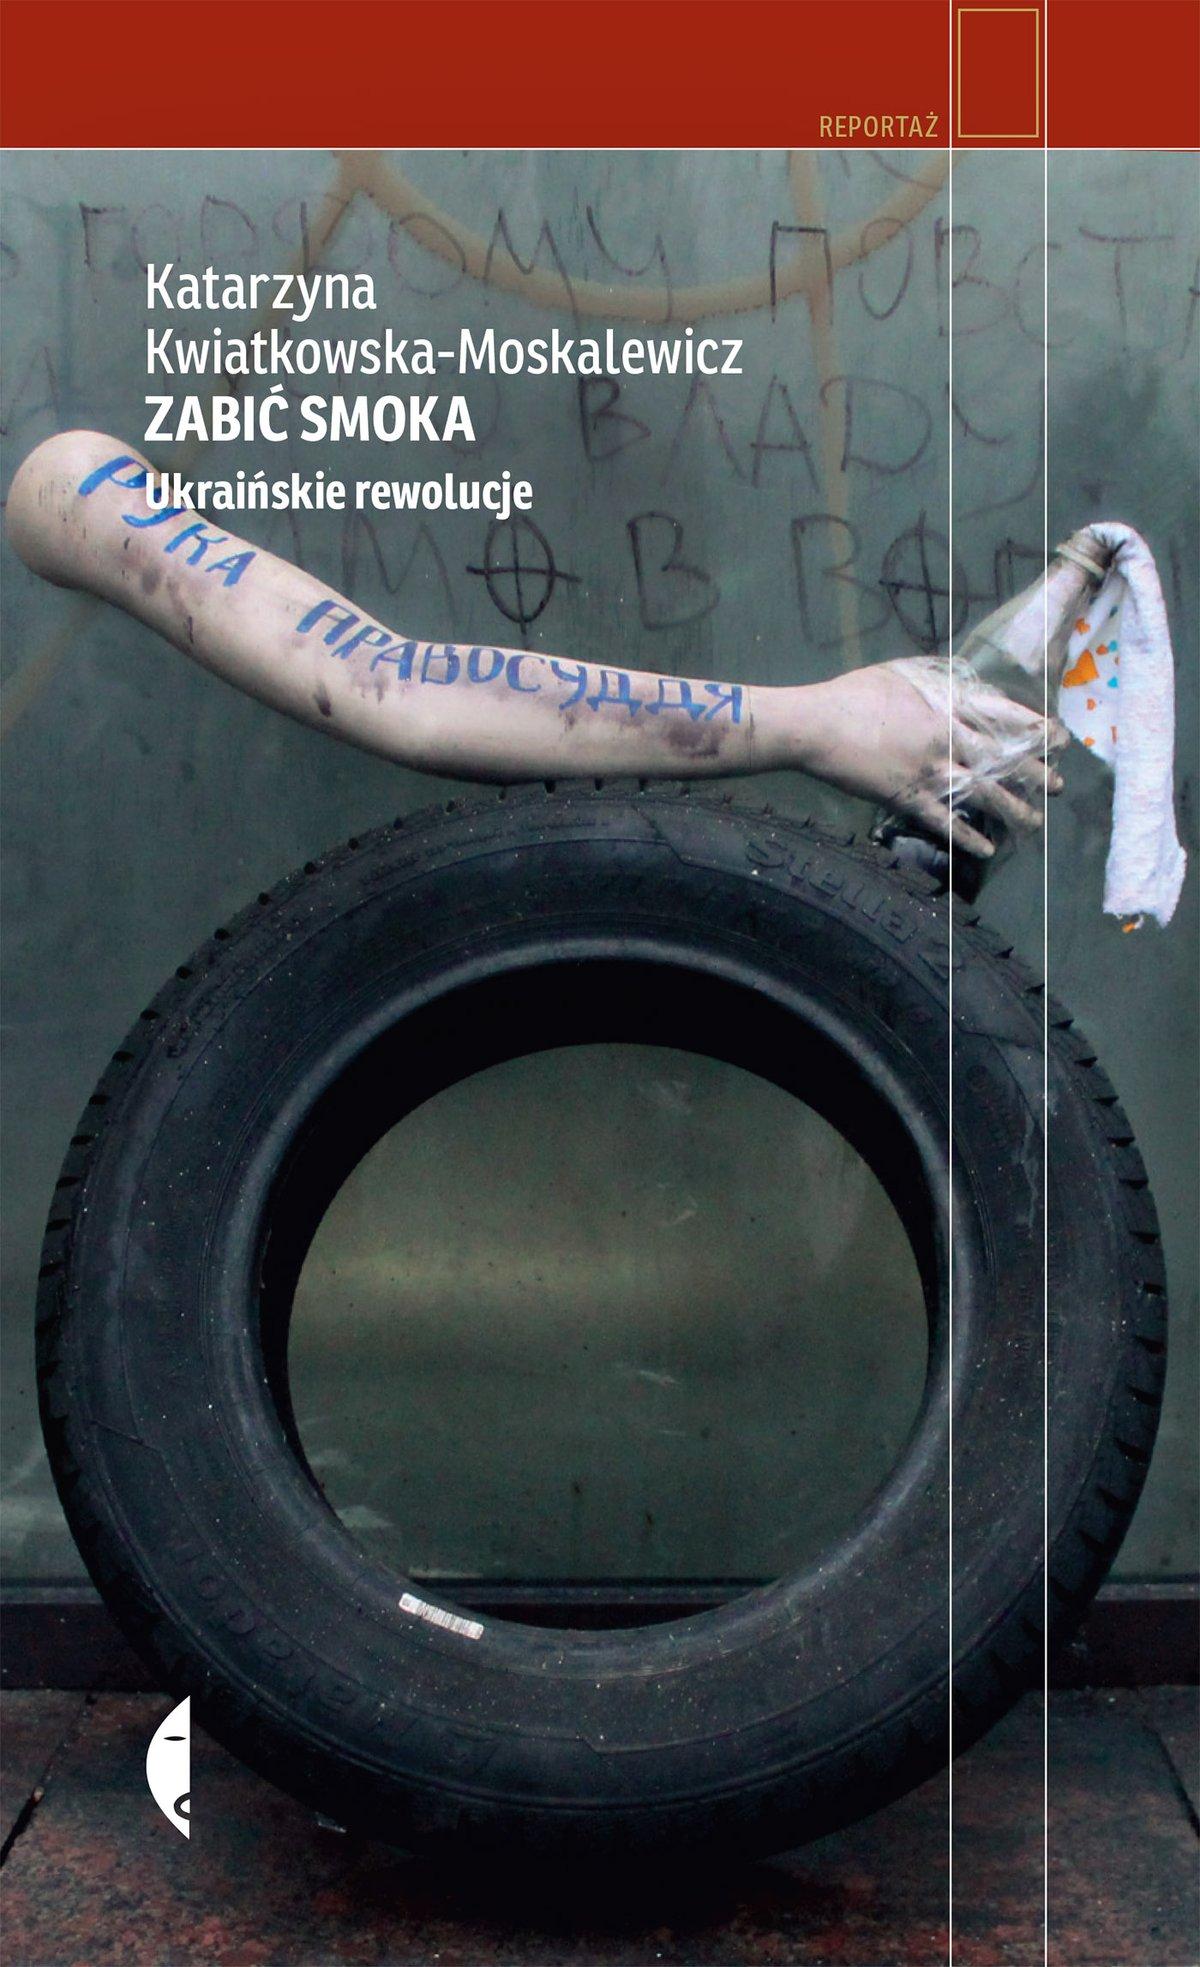 Zabić smoka - Ebook (Książka na Kindle) do pobrania w formacie MOBI